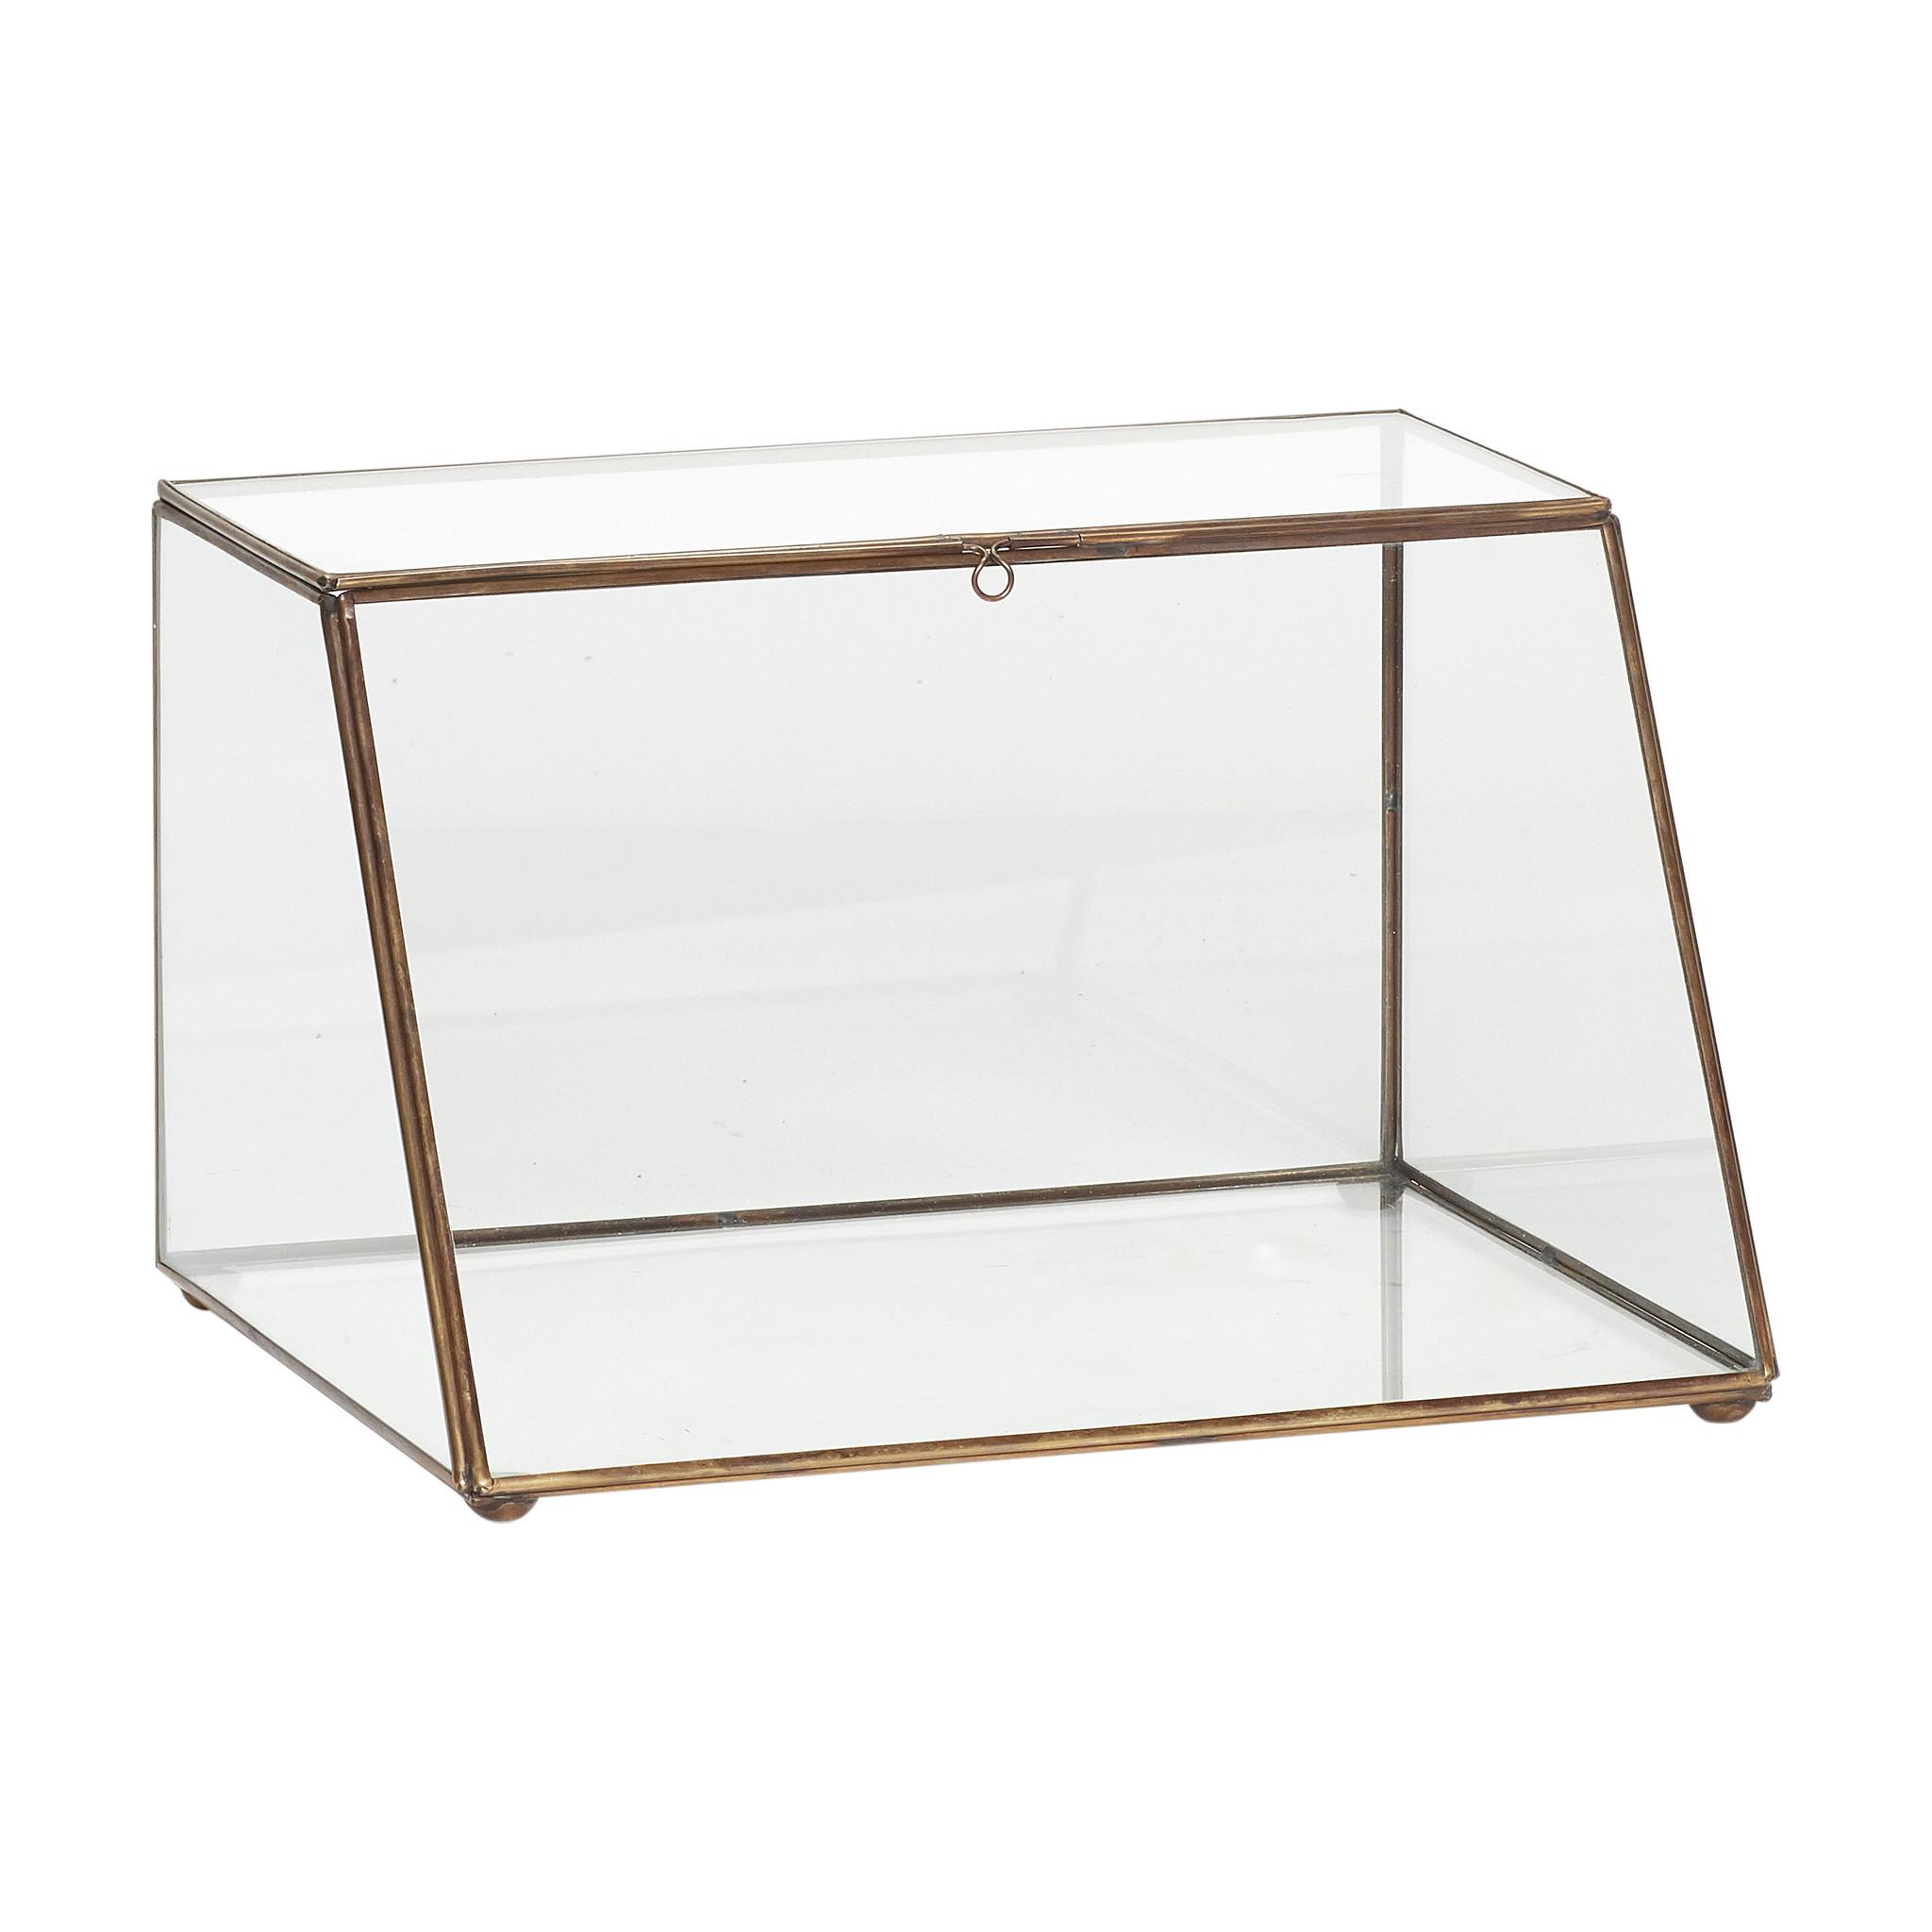 Hubsch Glazen doos, messing / glas